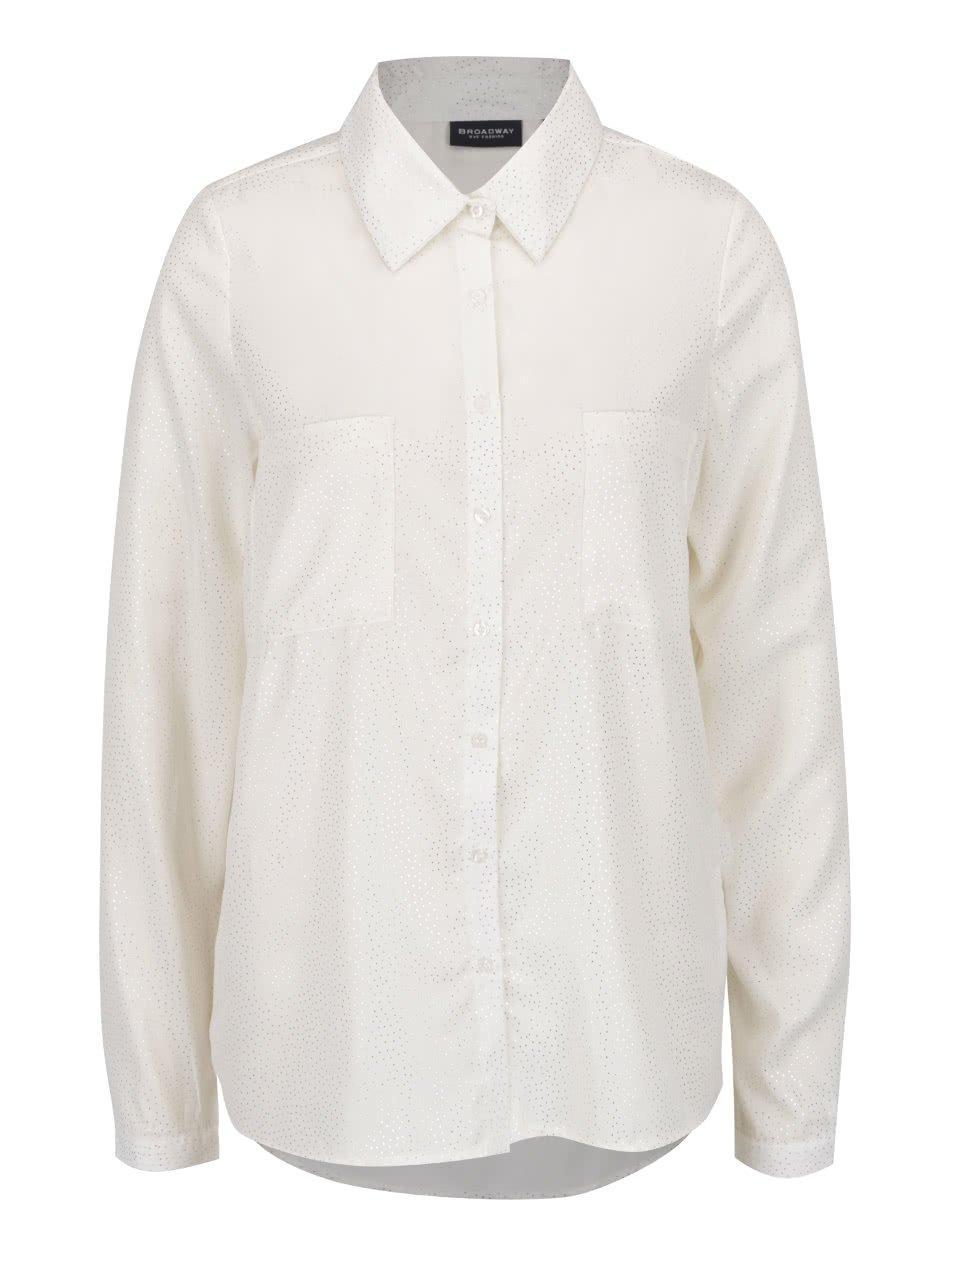 9605fe5e42a Krémová dámska bodkovaná košeľa s dlhým rukávom Broadway Doris